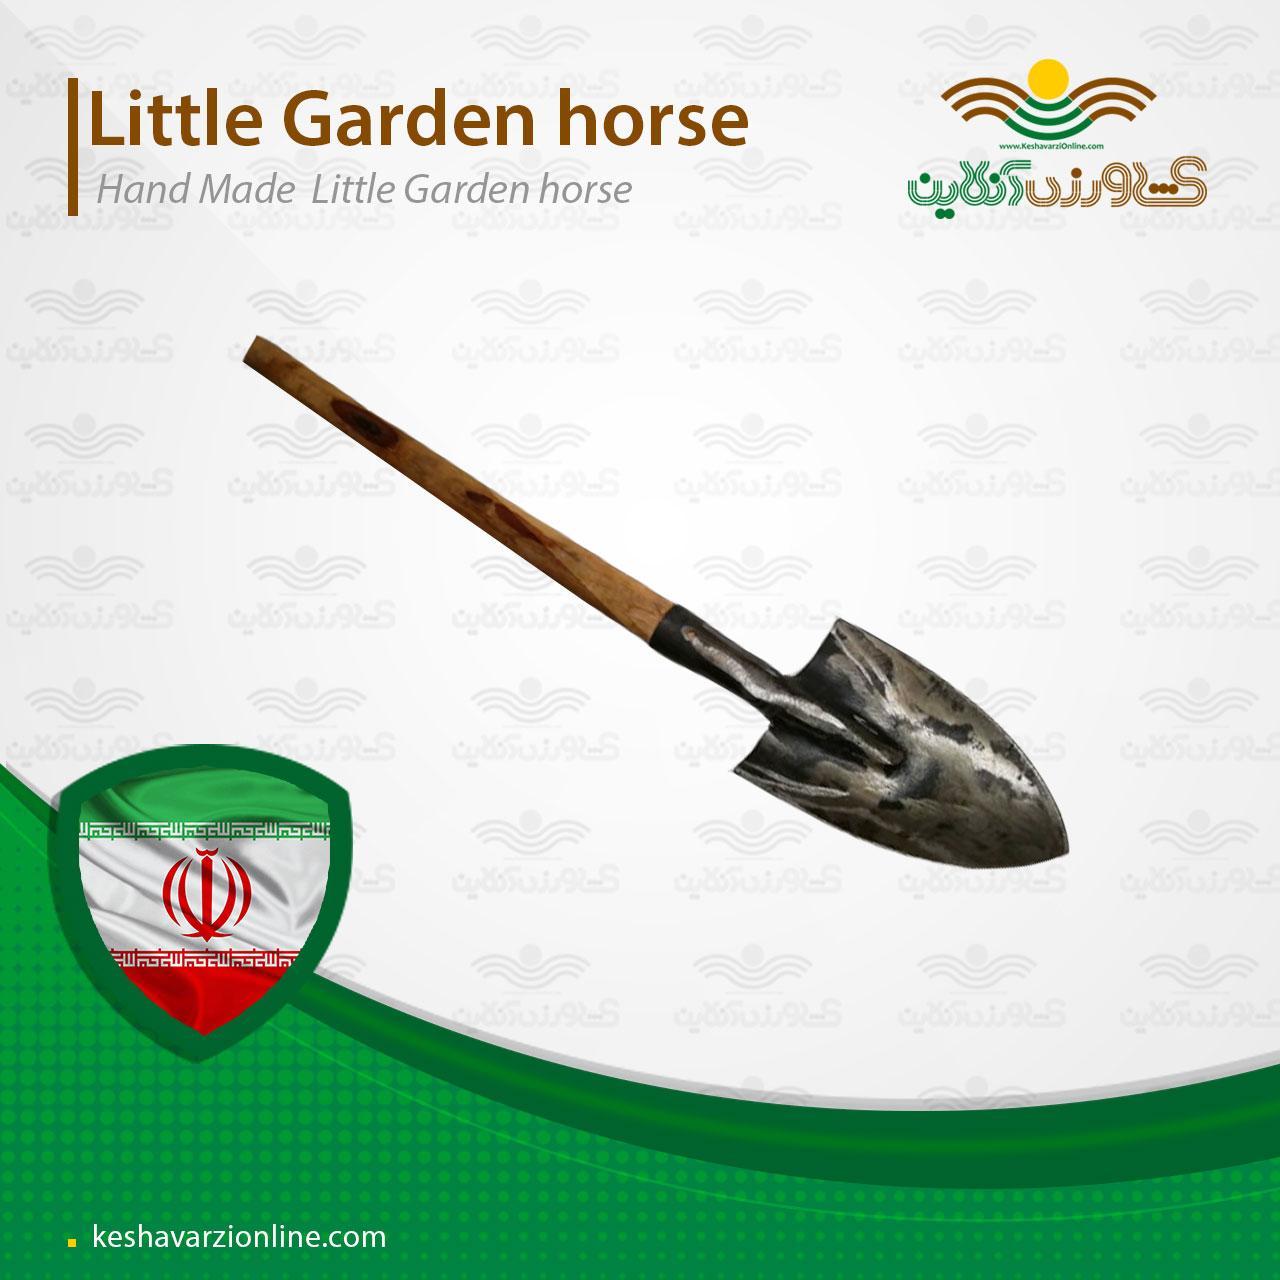 بیلچه باغبانی دست ساز کوچک